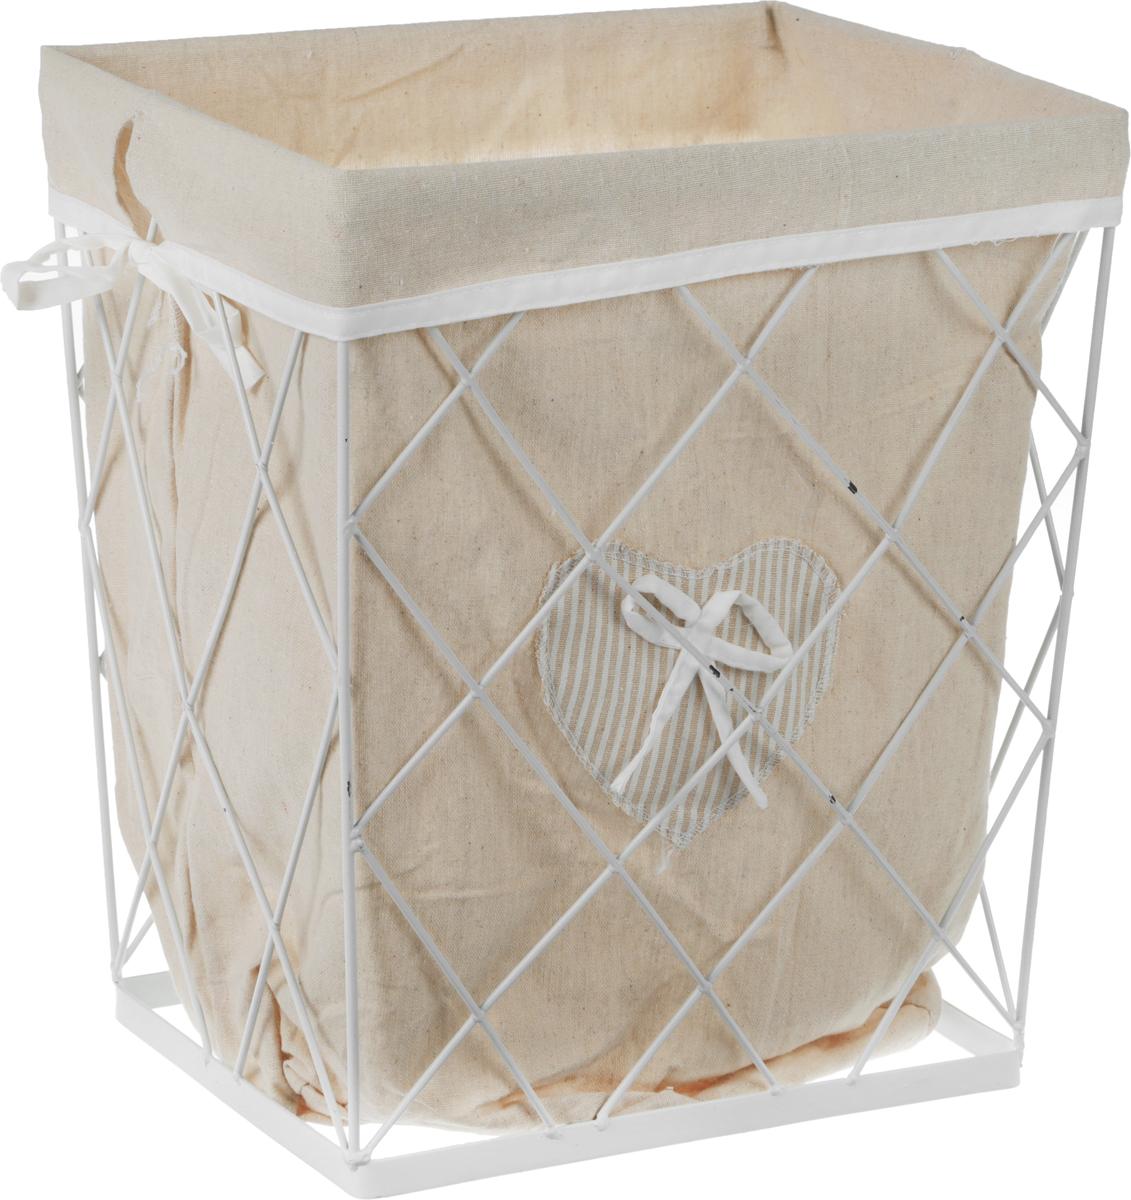 Корзина для белья Handy Home Решетка, цвет: белый, 35 х 24 х 40 смEW-50 SПрямоугольная бельевая корзина Natural House Решетка выполнена из металла и предназначена для хранения белья. Корзина оснащена съемным чехлом из ткани, который легко стирается. Корзина предназначена для хранения вещей и декоративного оформления помещения.